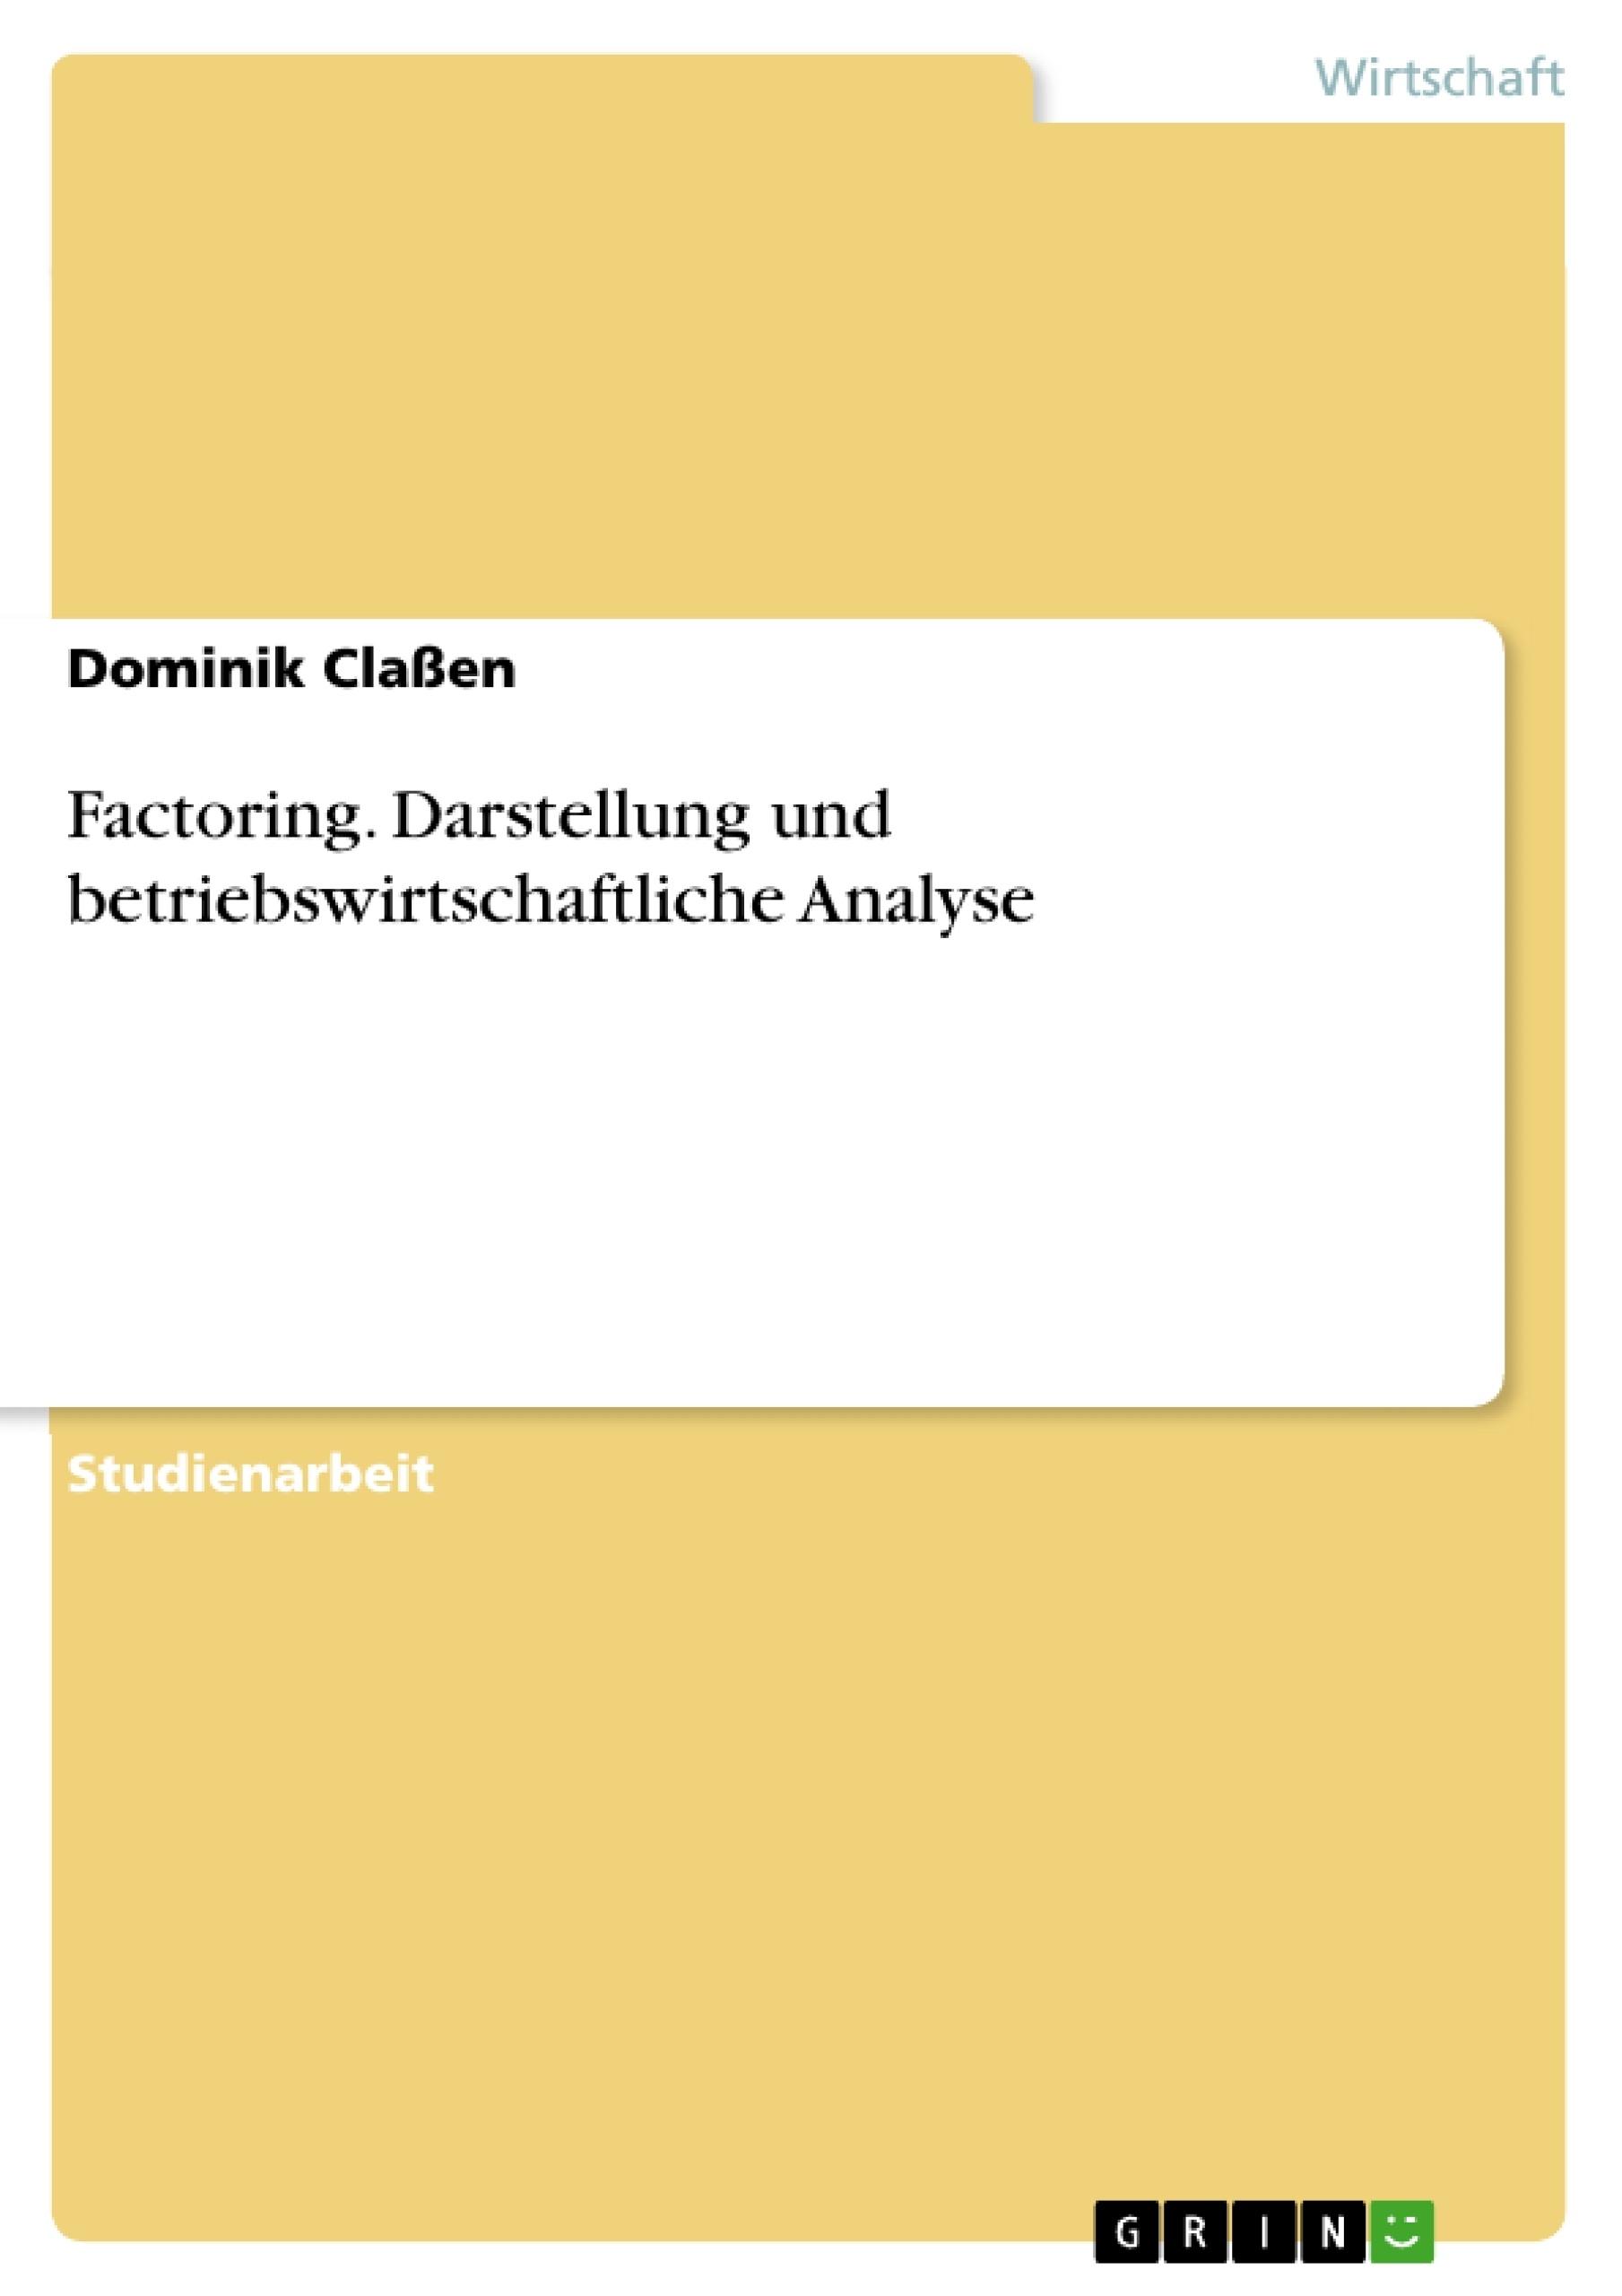 Titel: Factoring. Darstellung und betriebswirtschaftliche Analyse